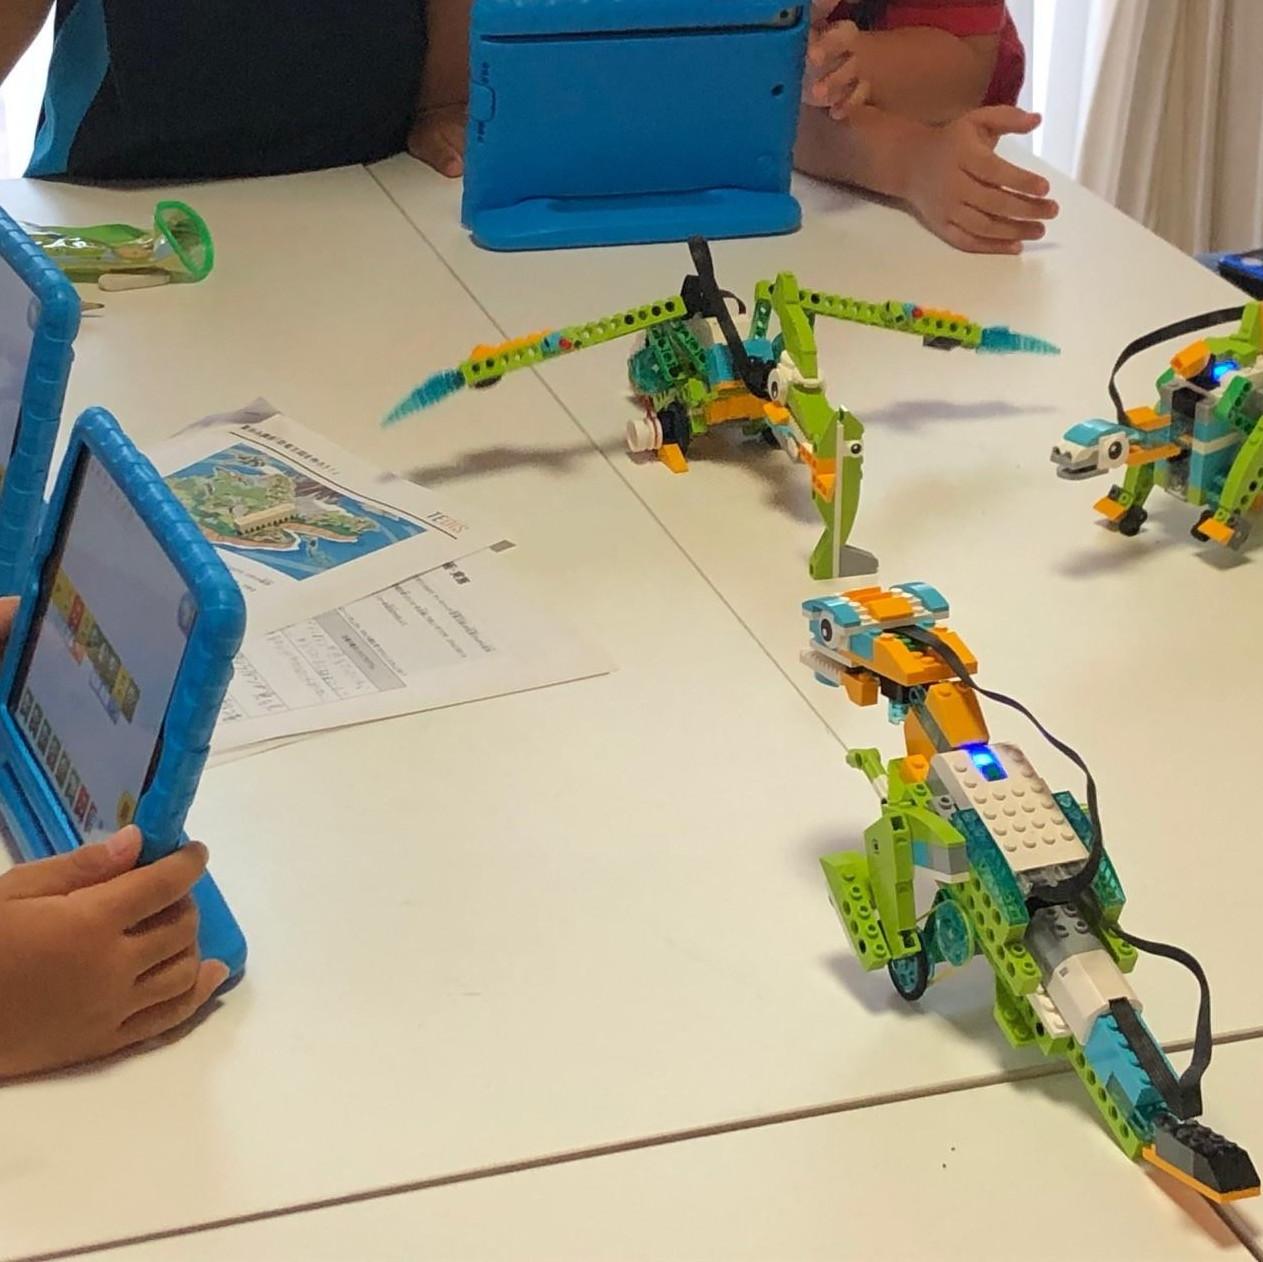 夏休み,小学生対象,講座,イベント,理科,レゴ,ロボット,科学,WeDo,プログラミング